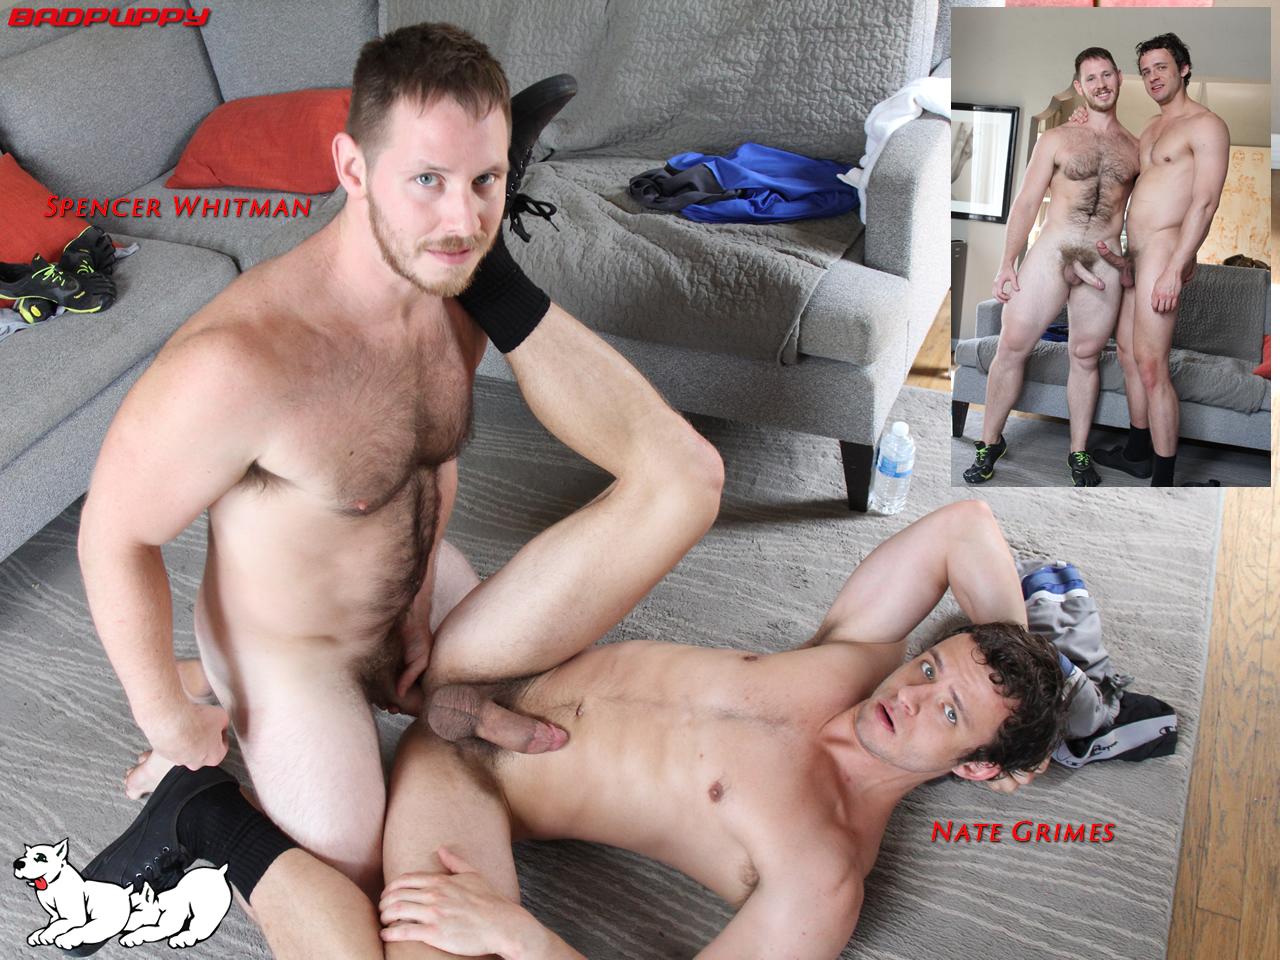 Spencer whitman meleg pornó